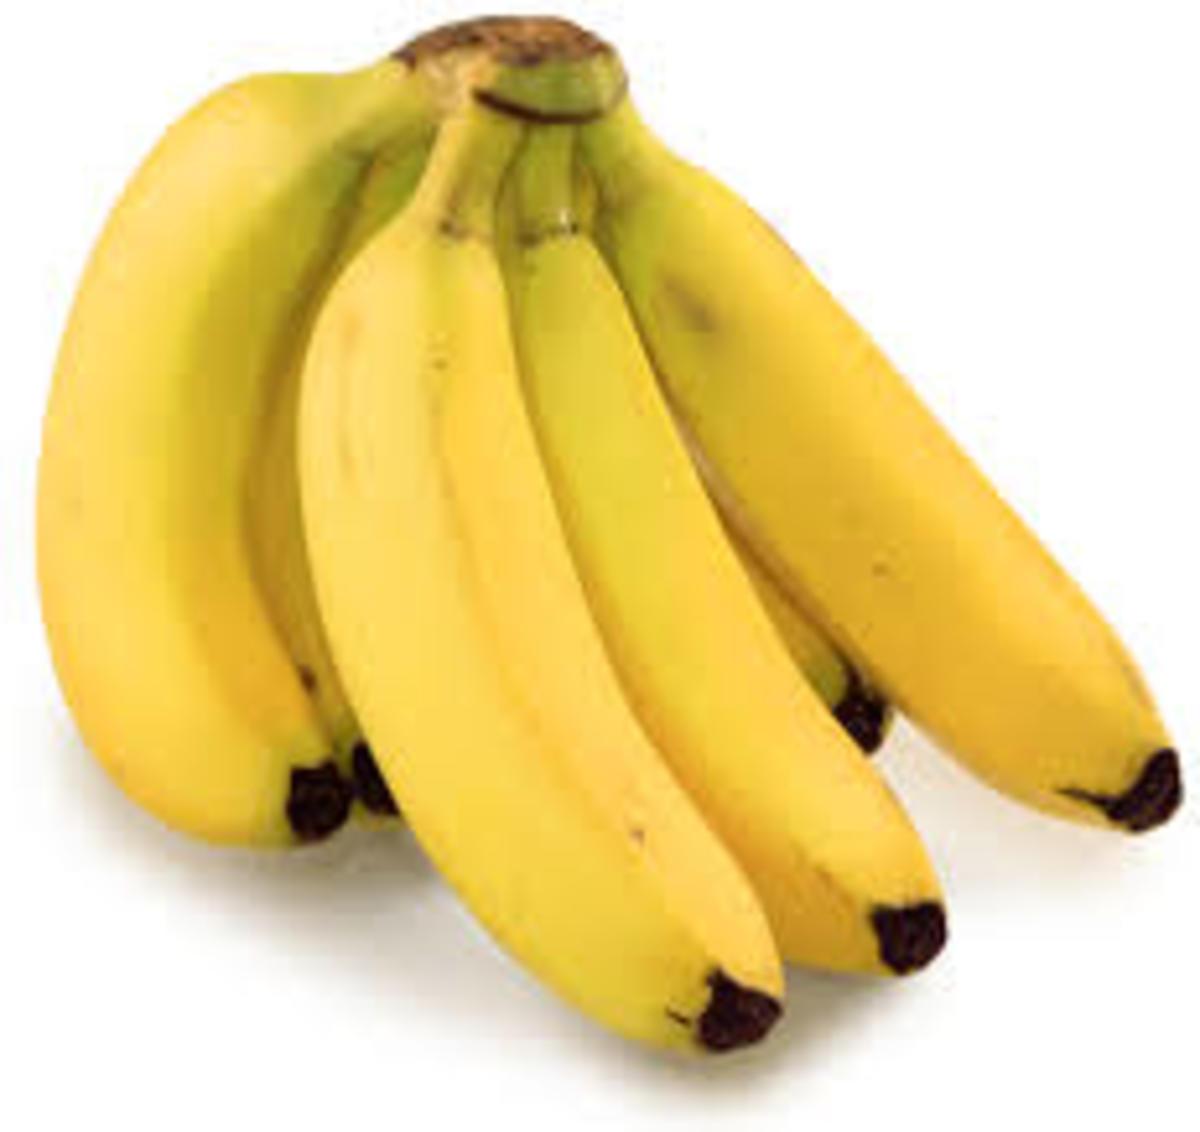 Banana Hair Mask restores hair shine naturally